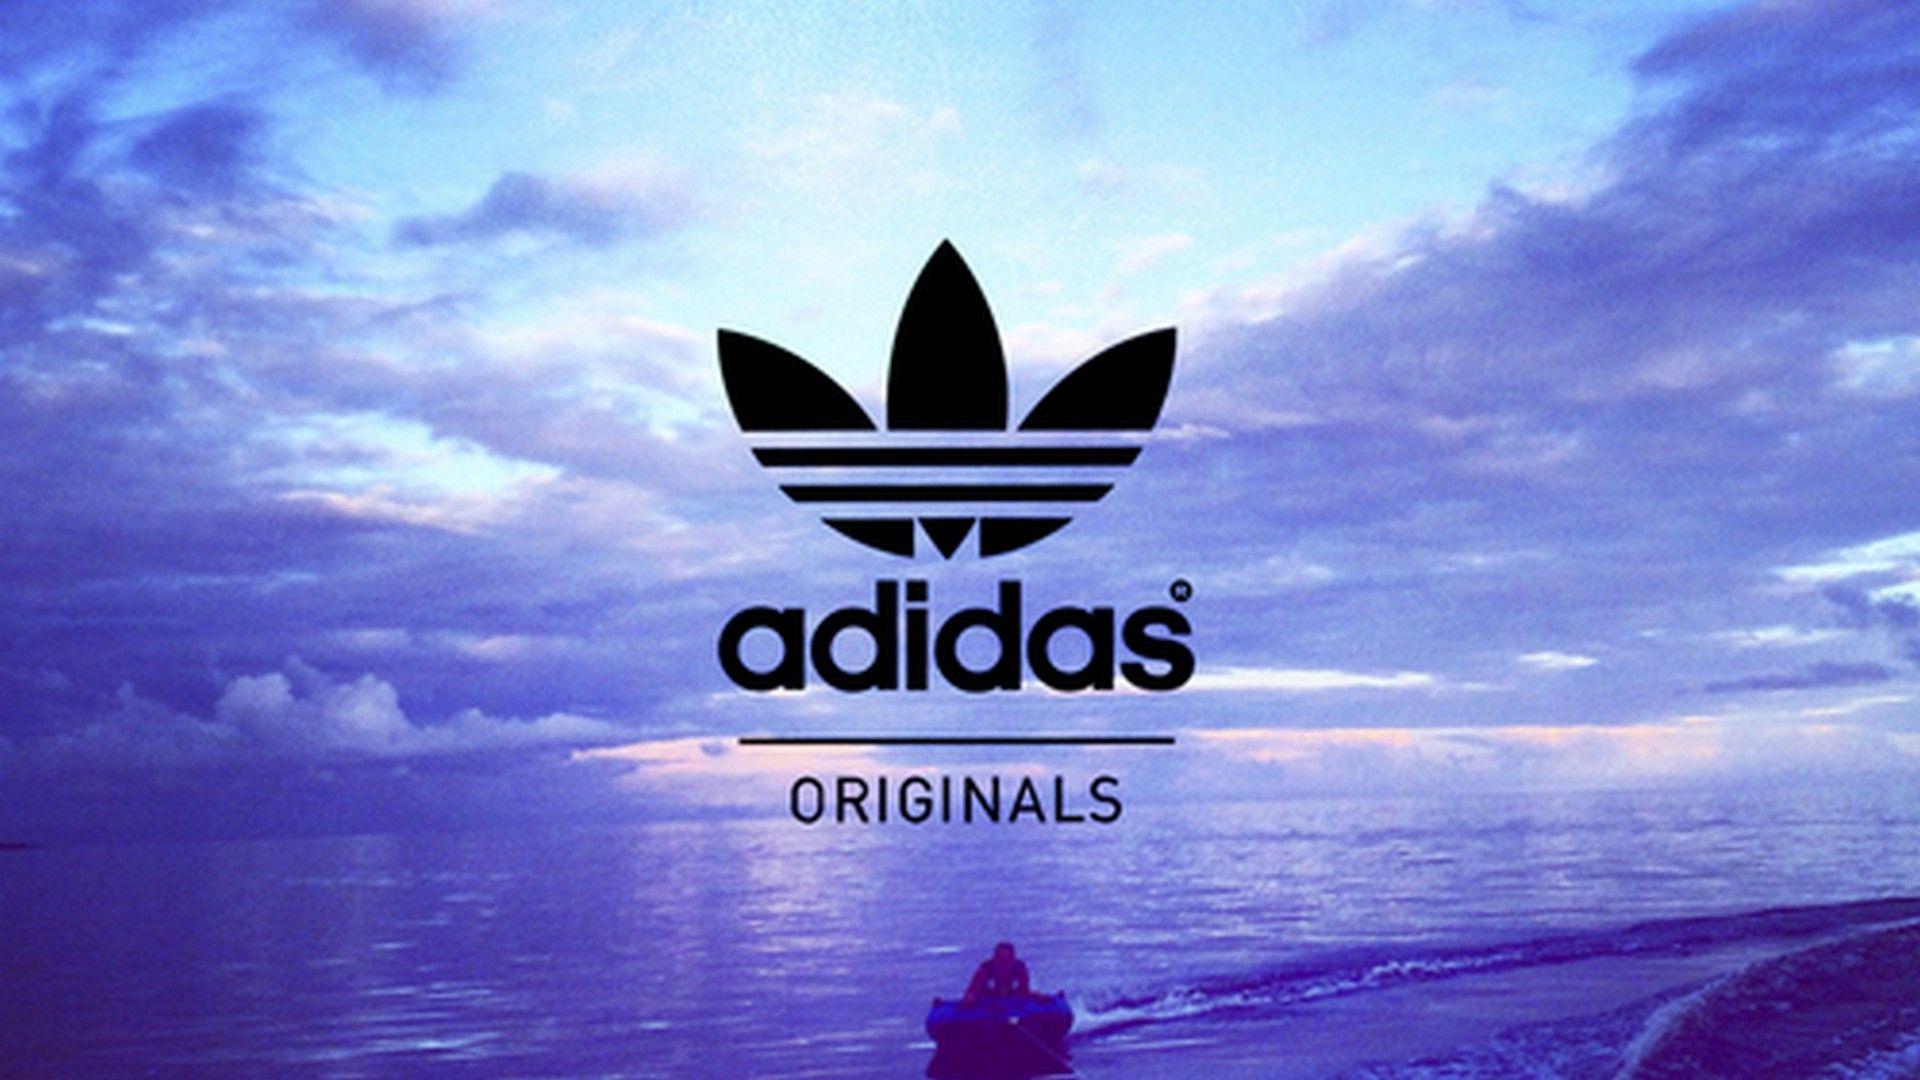 Wallpaper Adidas Desktop Best Wallpaper Hd Adidas Wallpapers Adidas Art Cool Adidas Wallpapers